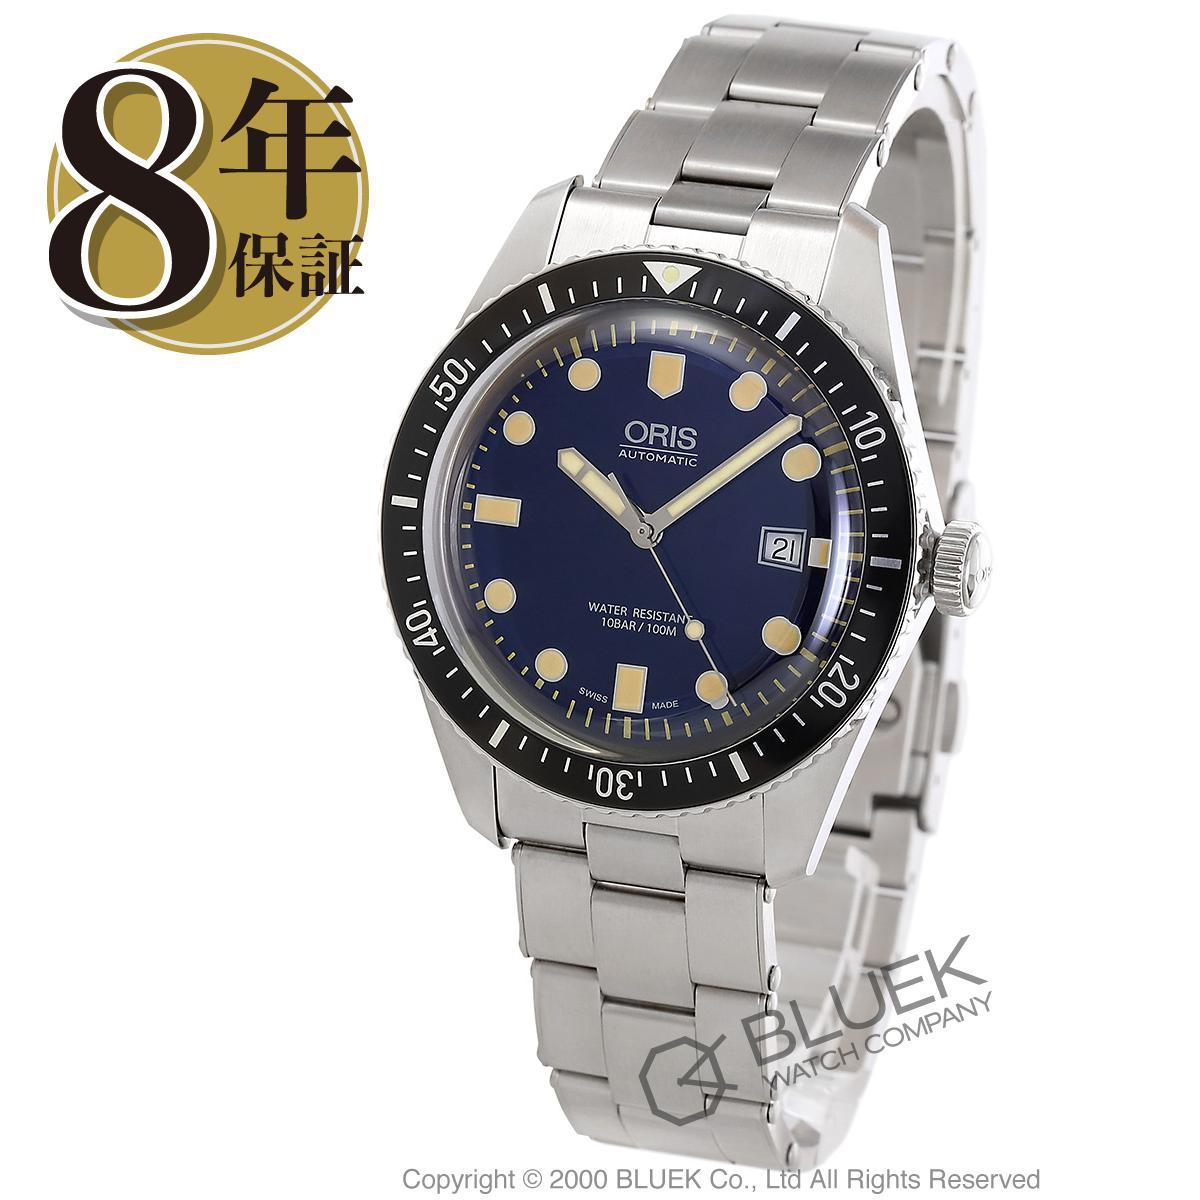 【3,000円OFFクーポン対象】オリス ダイバーズ 65 腕時計 メンズ ORIS 733 7720 4055M_8